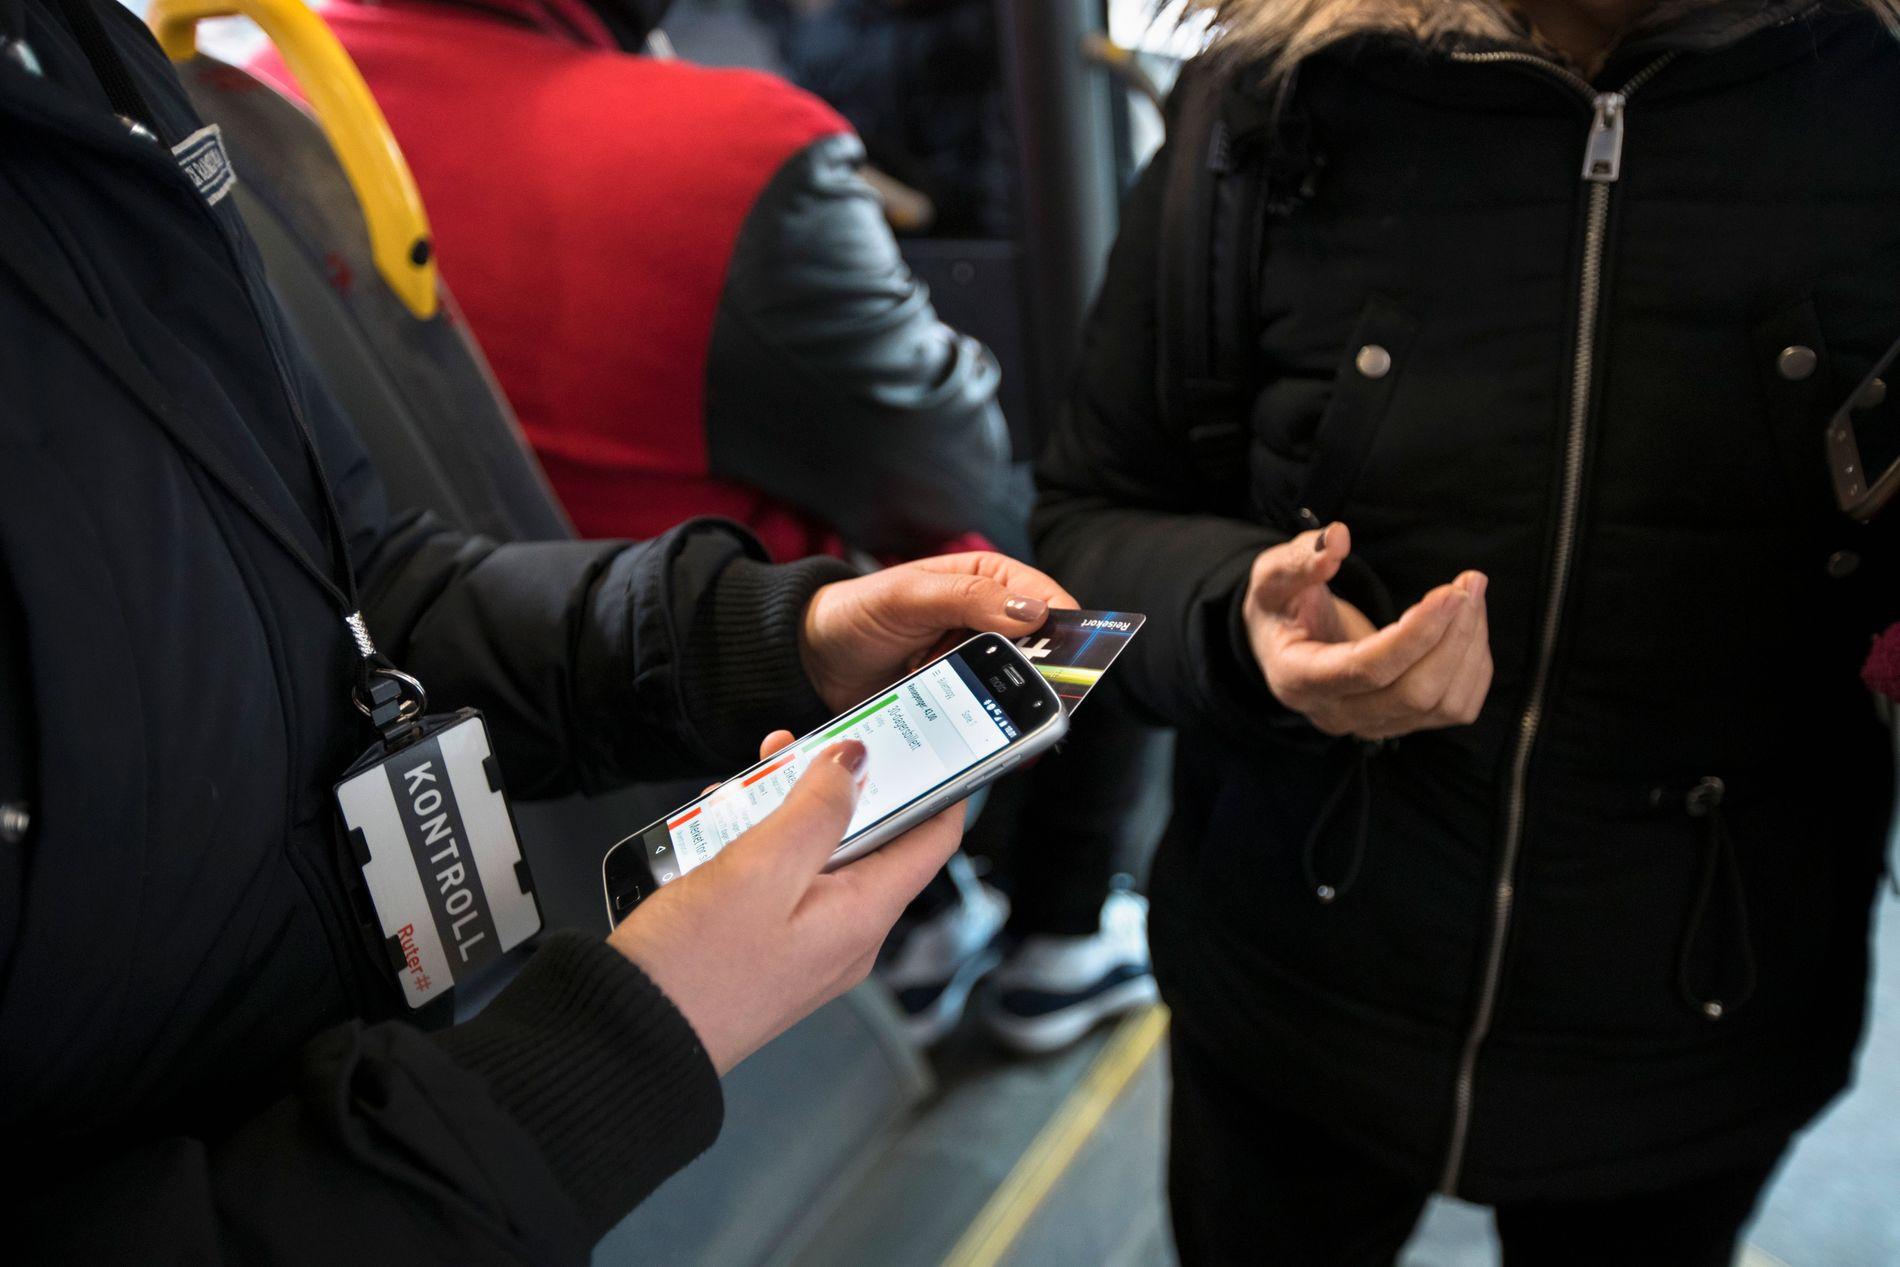 KONTROLL: Mange opplever billettkontroller som ubehagelige, og blir du tatt uten billett må du ut med store summer.